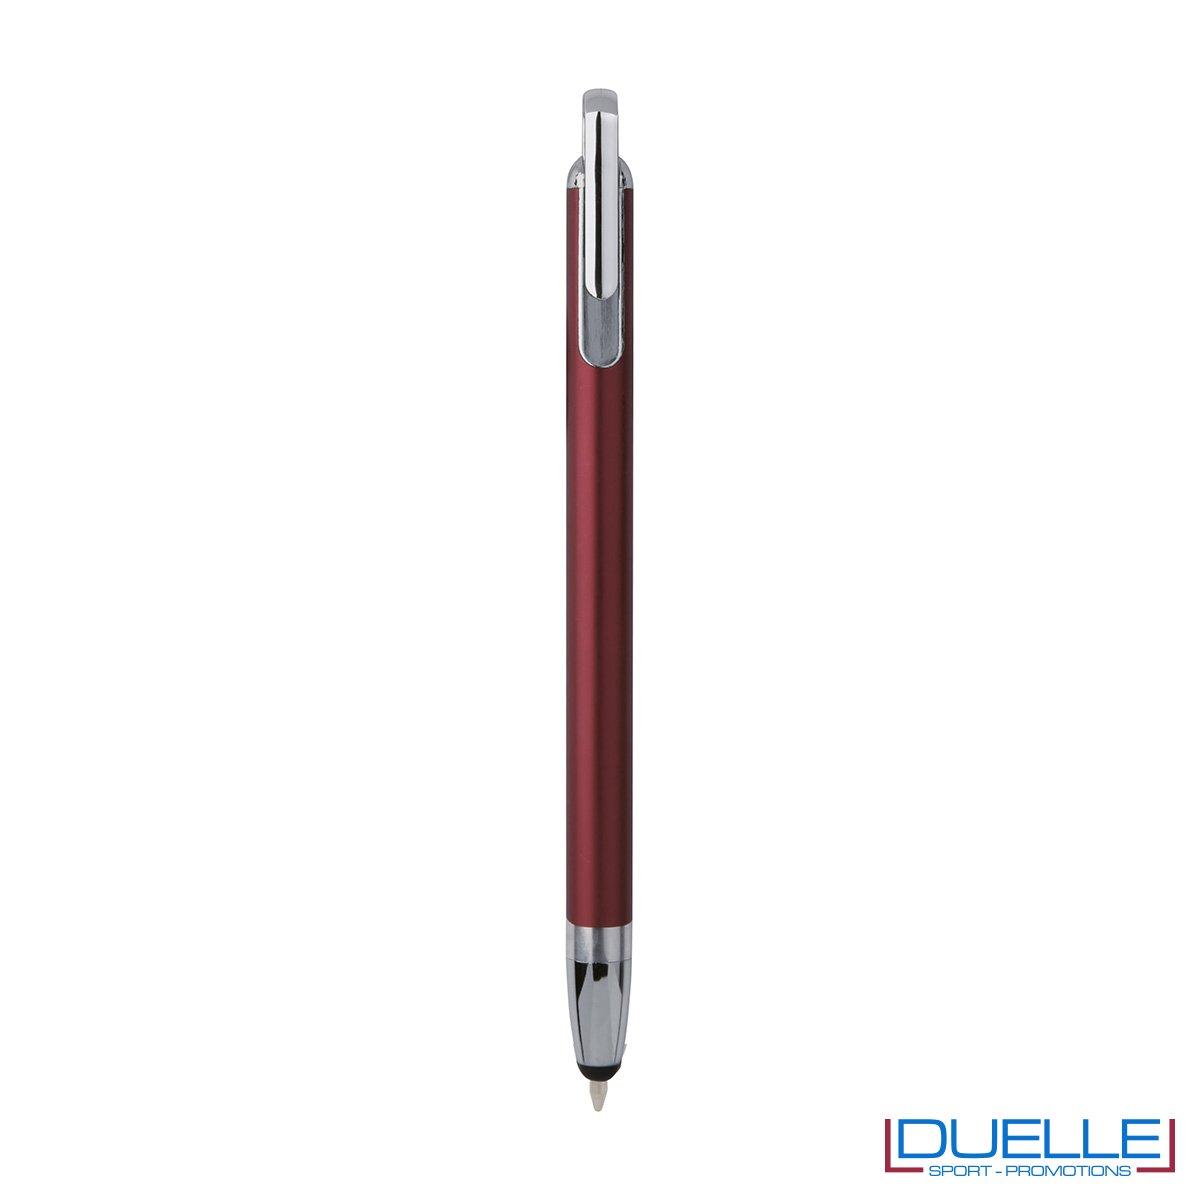 Penna touch screen con fusto interamente in metallo e puntale in plastica. Meccanismo di apertura a scatto che fa fuoriuscire la punta della penna dal gommino touch screen.